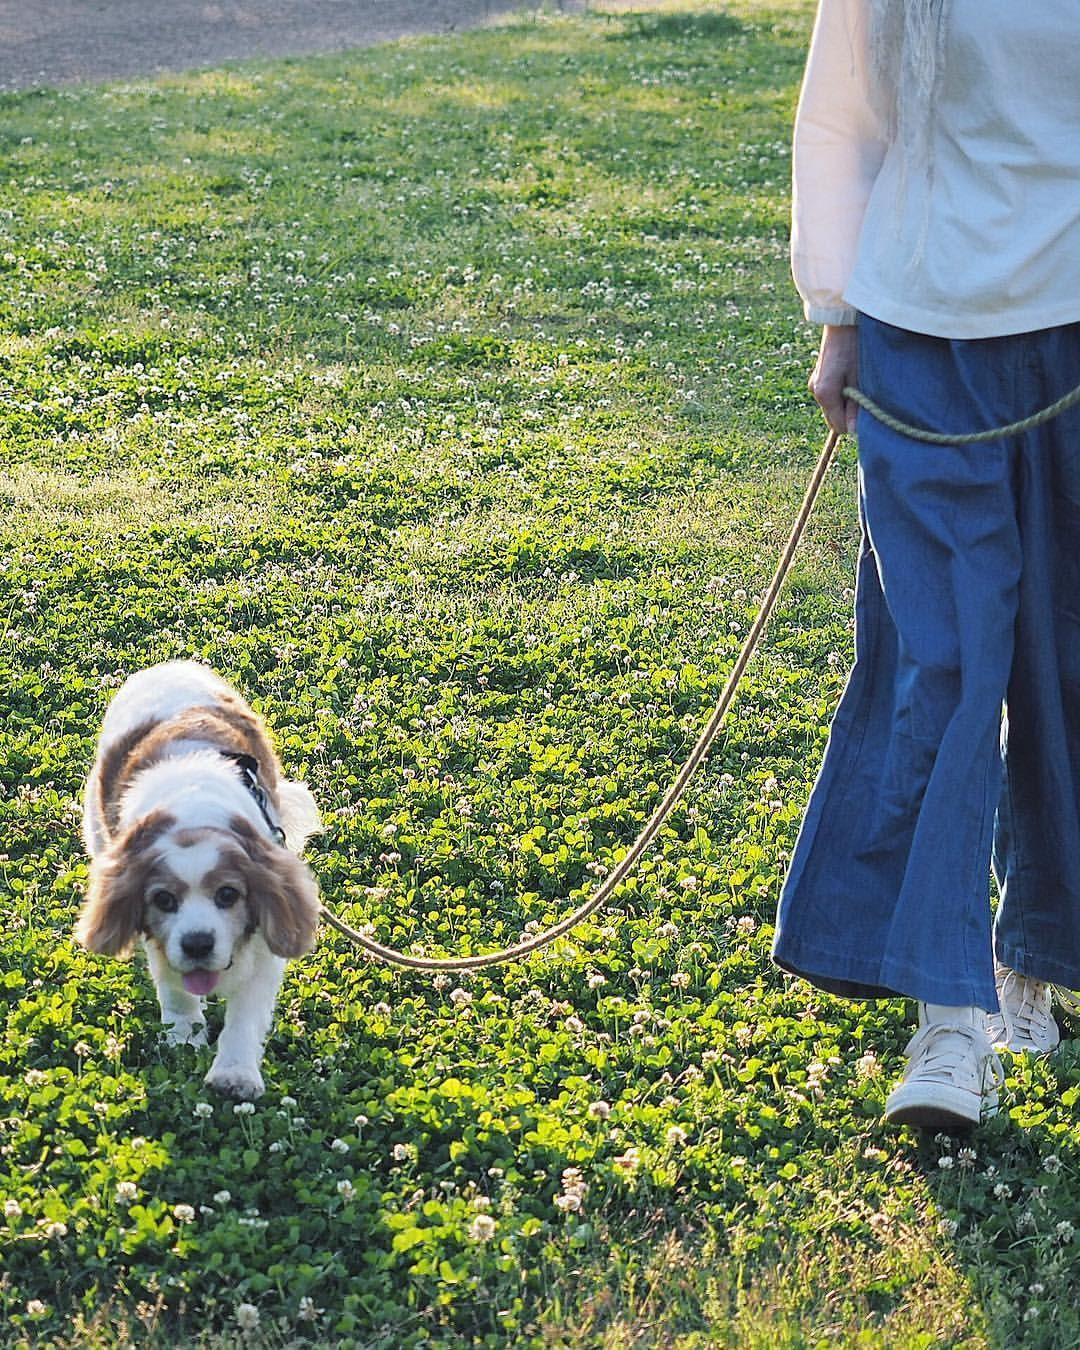 Rieさんはinstagramを利用しています 今日も1日お疲れ様でした 明日も良い日でありますように 5月5日 夕んぽ マロン キャバリア キャバリア部 ブレンハイム お散歩 犬バカ部 ファインダー越しのわたしの世界 Cavalier Cav Dogs Animals My Boys